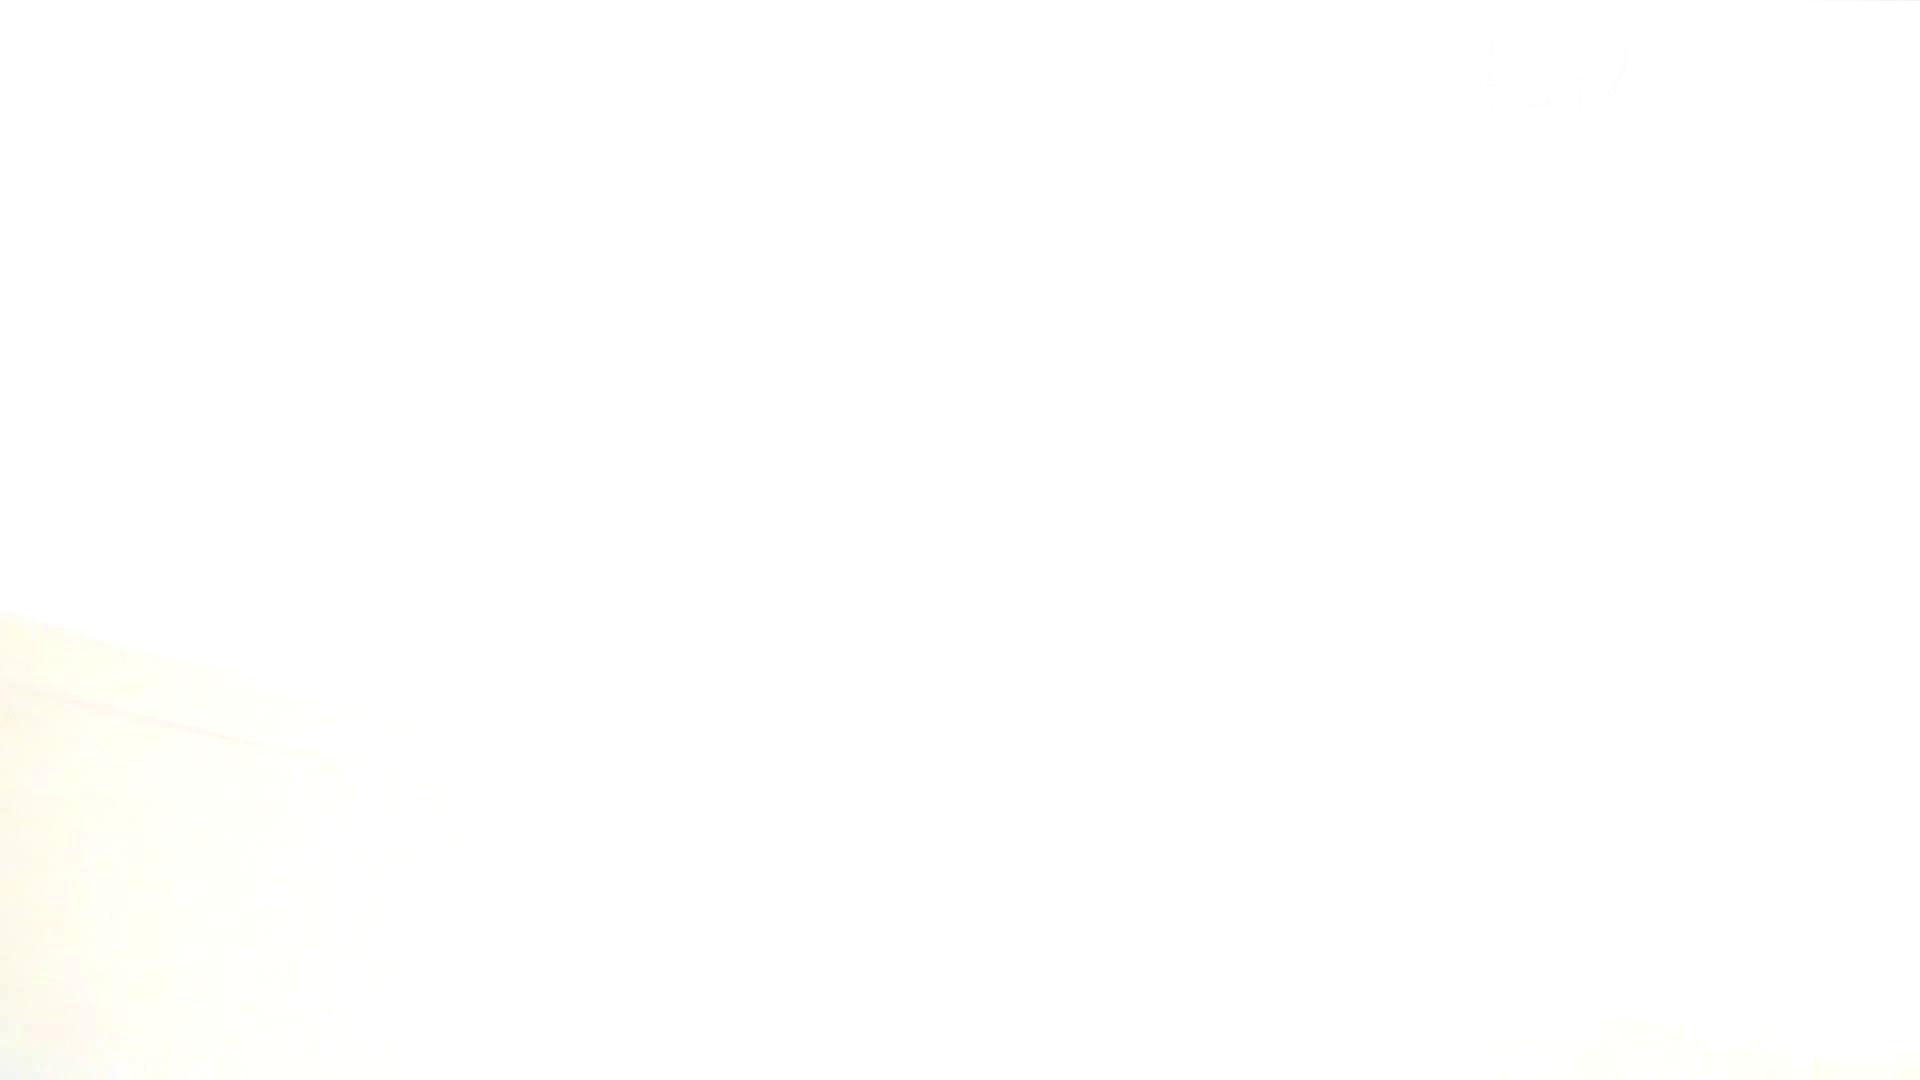 至高下半身盗撮-PREMIUM-【院内病棟編 】VOL2 OL | 盗撮エロすぎ  81連発 35